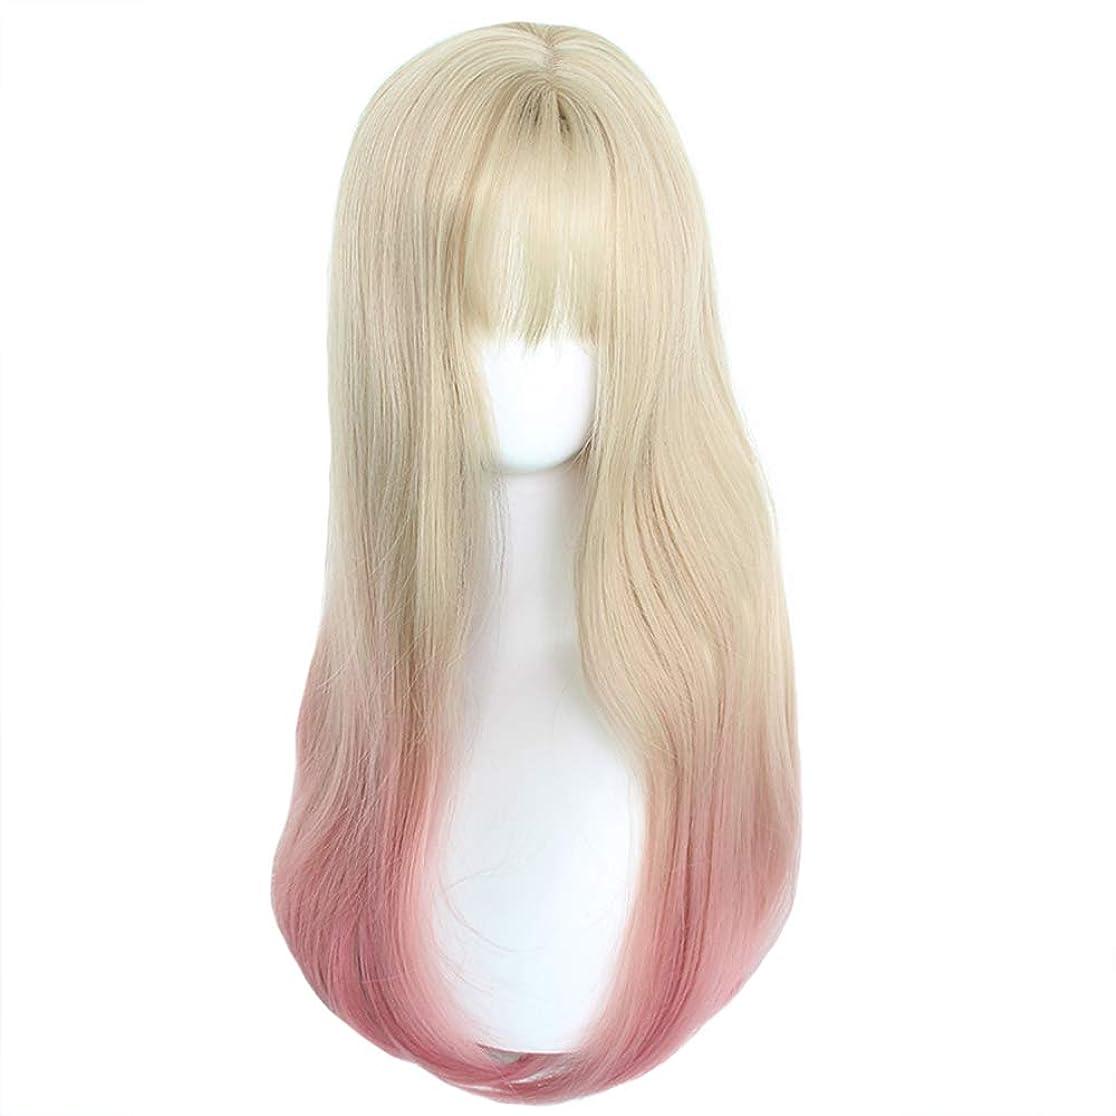 冷える慎重石炭かつら - ファッションロングロールリューハイウィッグレディハロウィンコスプレヒートナチュラル60センチメートルライトゴールドグラデーションピンク (色 : Pink, サイズ さいず : 60 cm 60 cm)